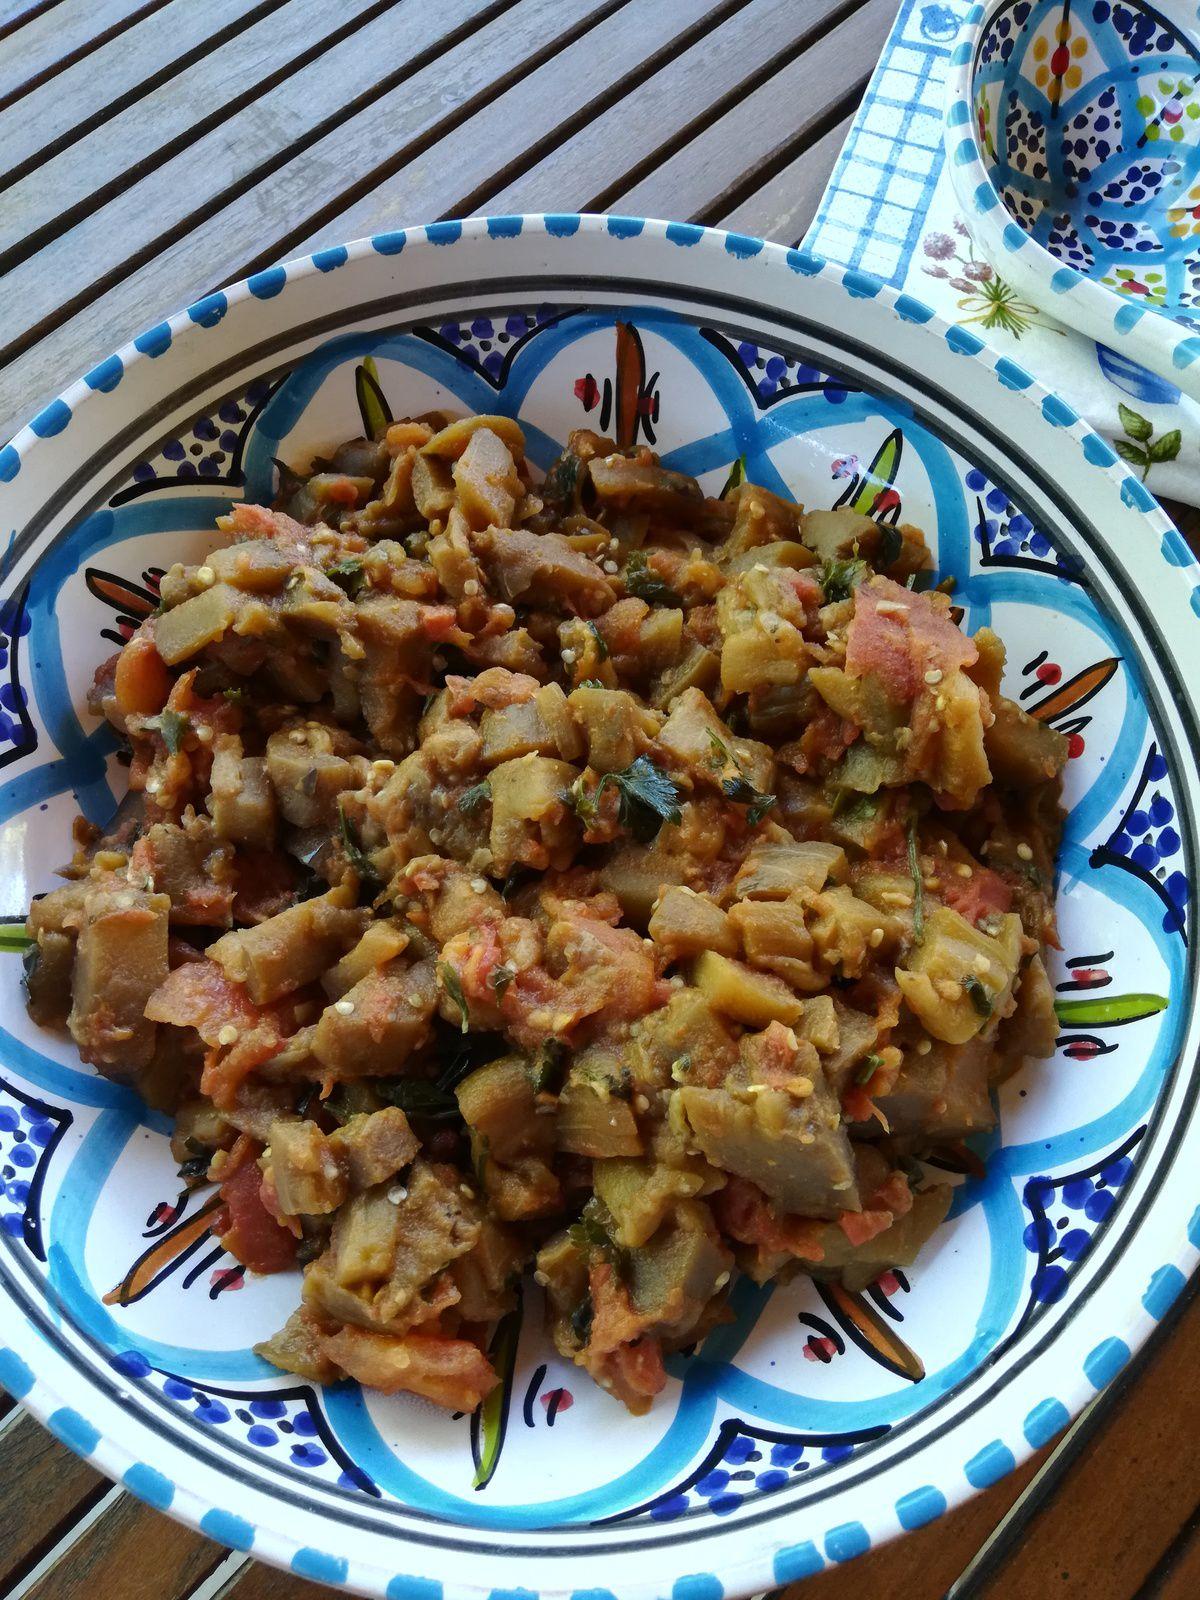 zaalouk salade d'aubergine grillée Marocaine